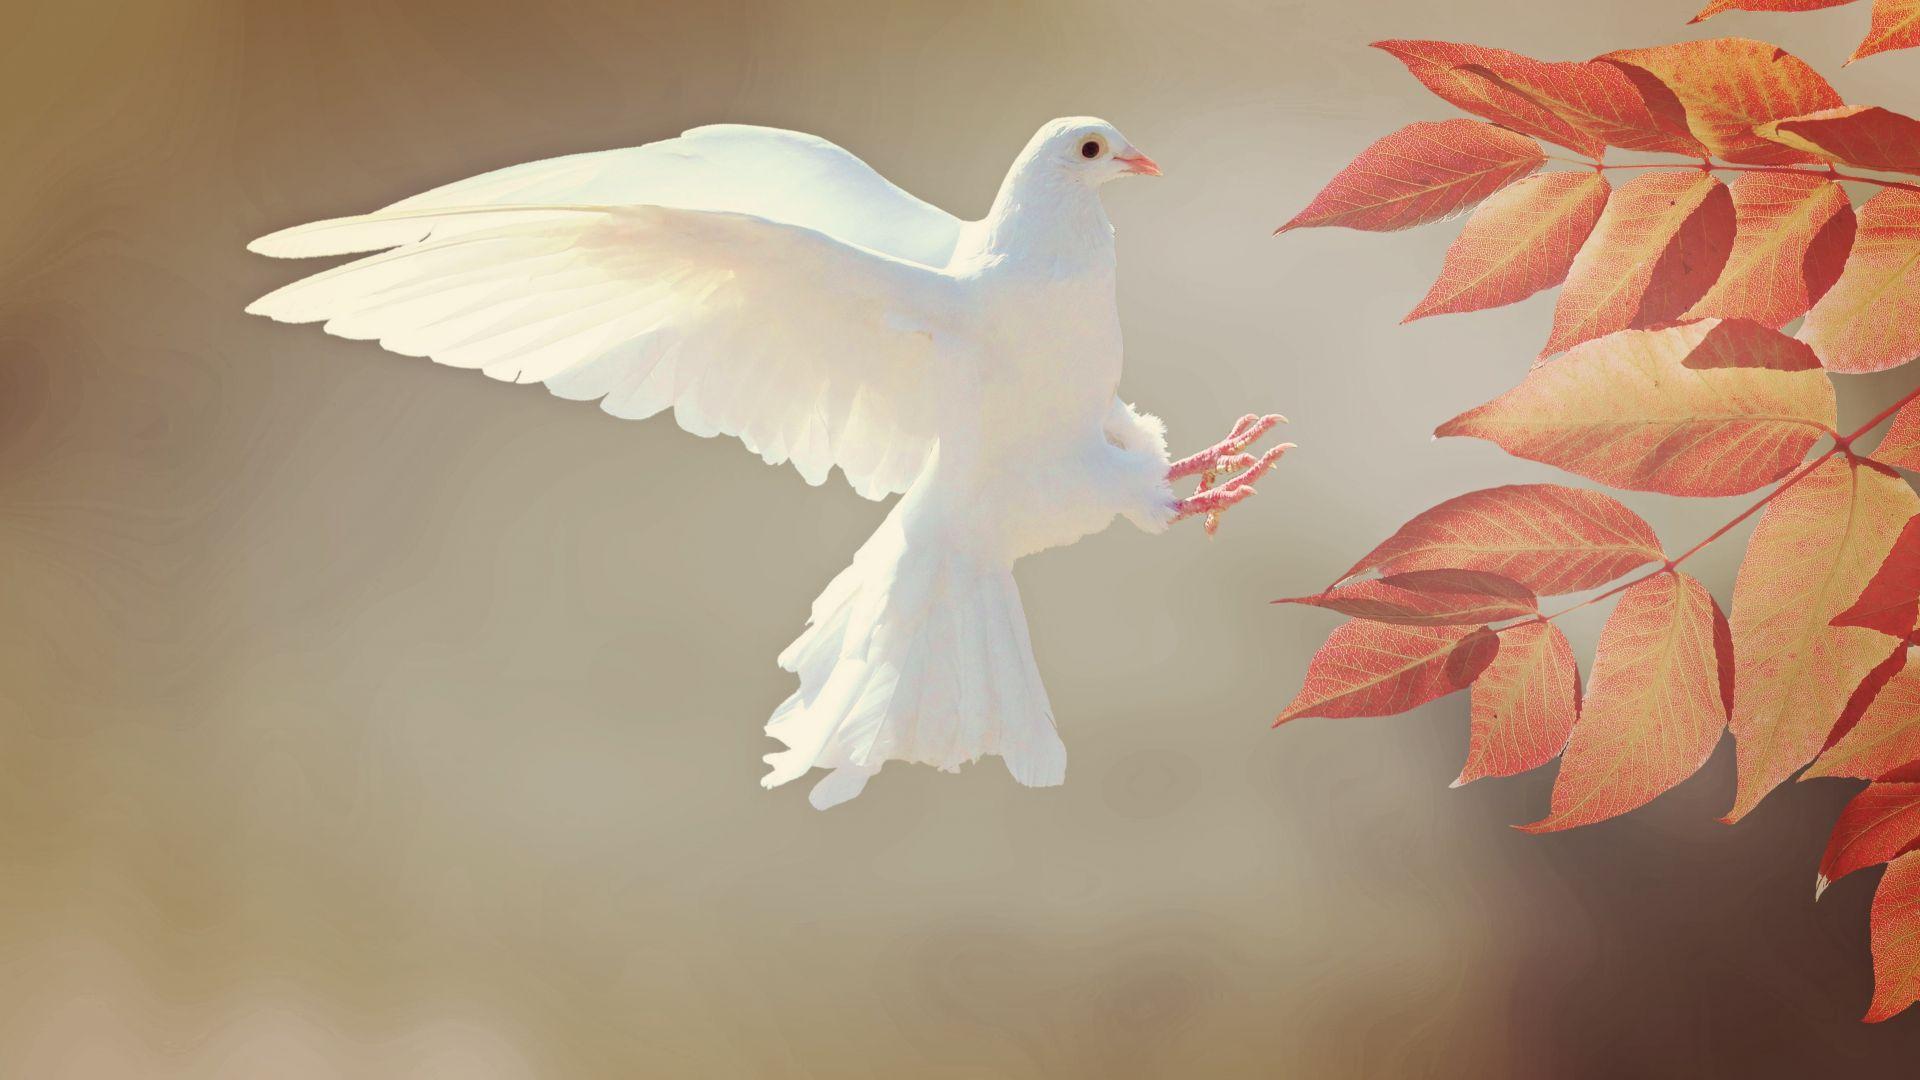 Wallpaper White, dove, flying, leaves, wings